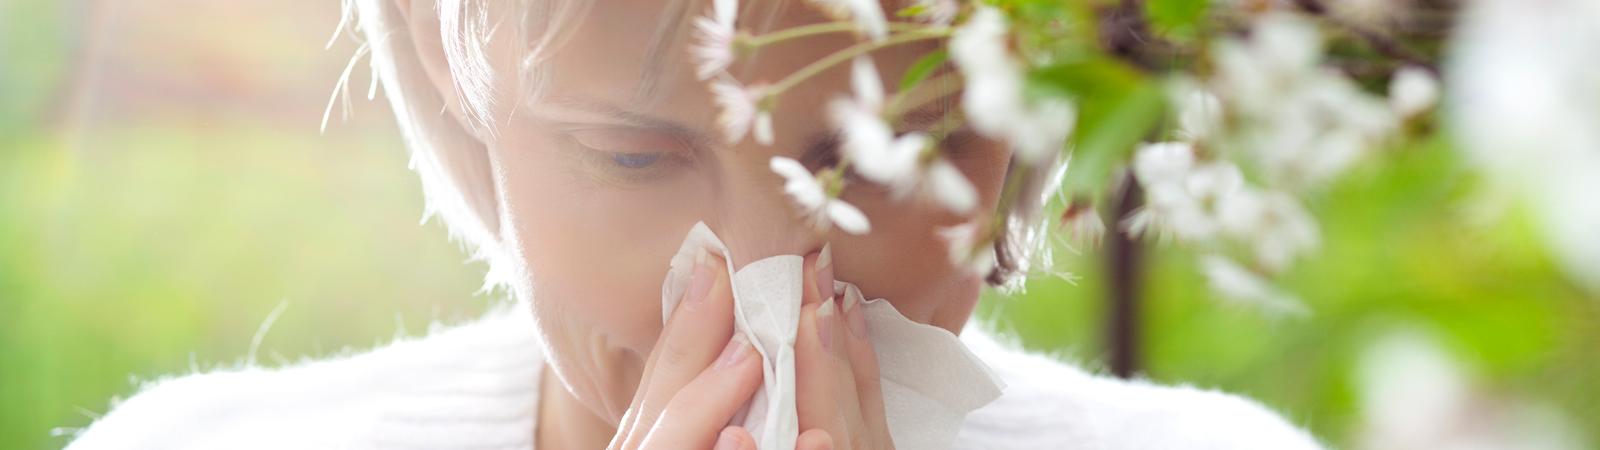 Kinesiologie kann Sie bei der Heilung und Regeneration verschiedenster Beschwerden wie Allergien unterstützen